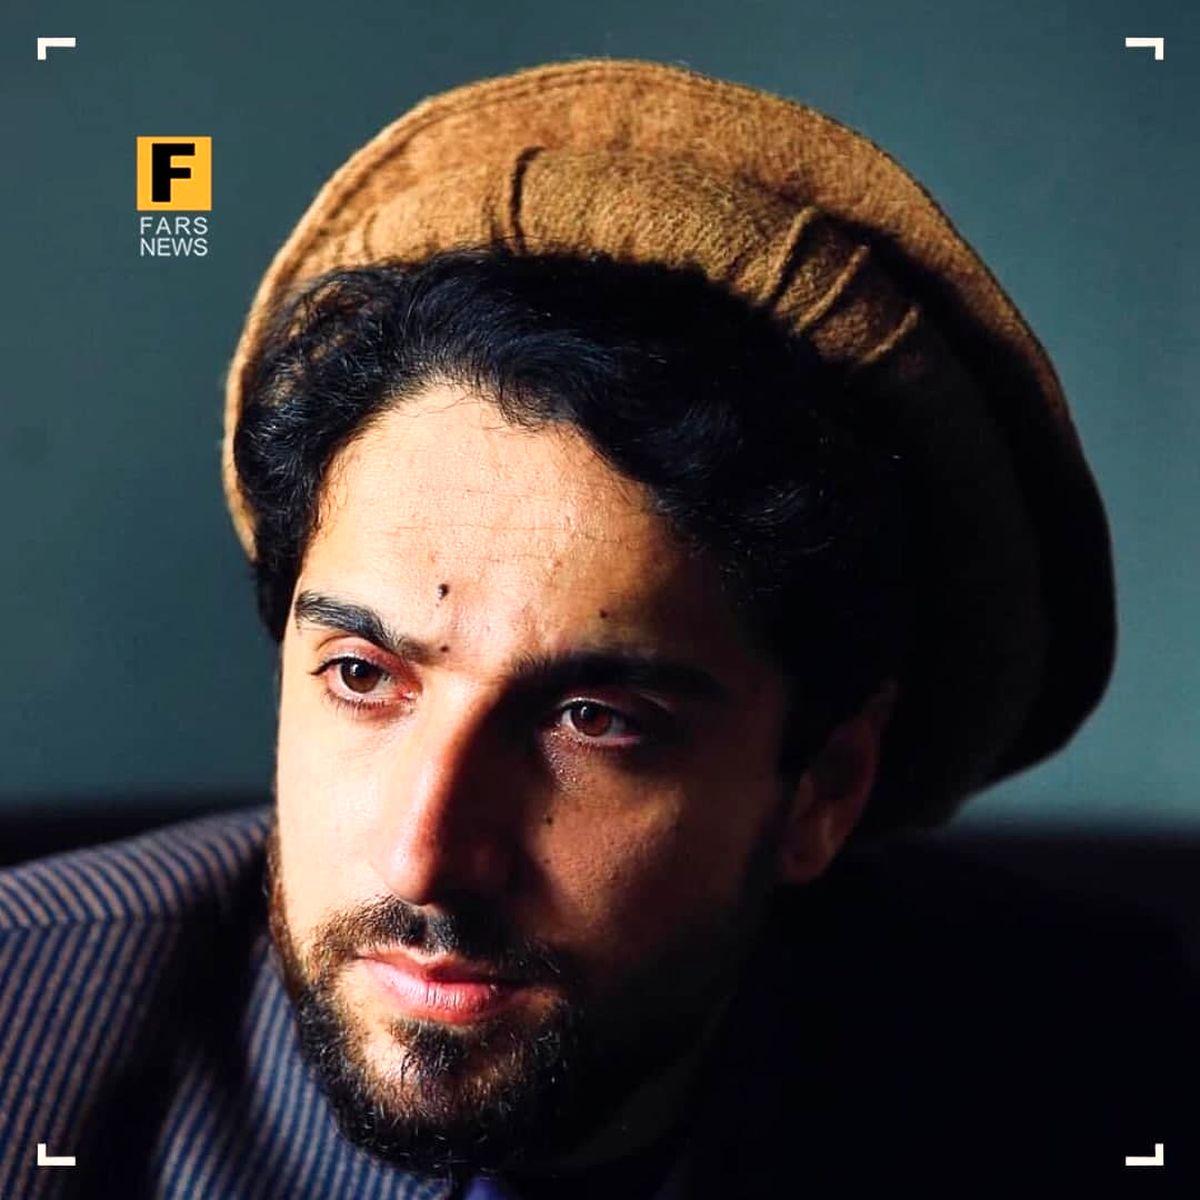 طالبان صلح با پسر احمدشاه مسعود را رد کرد